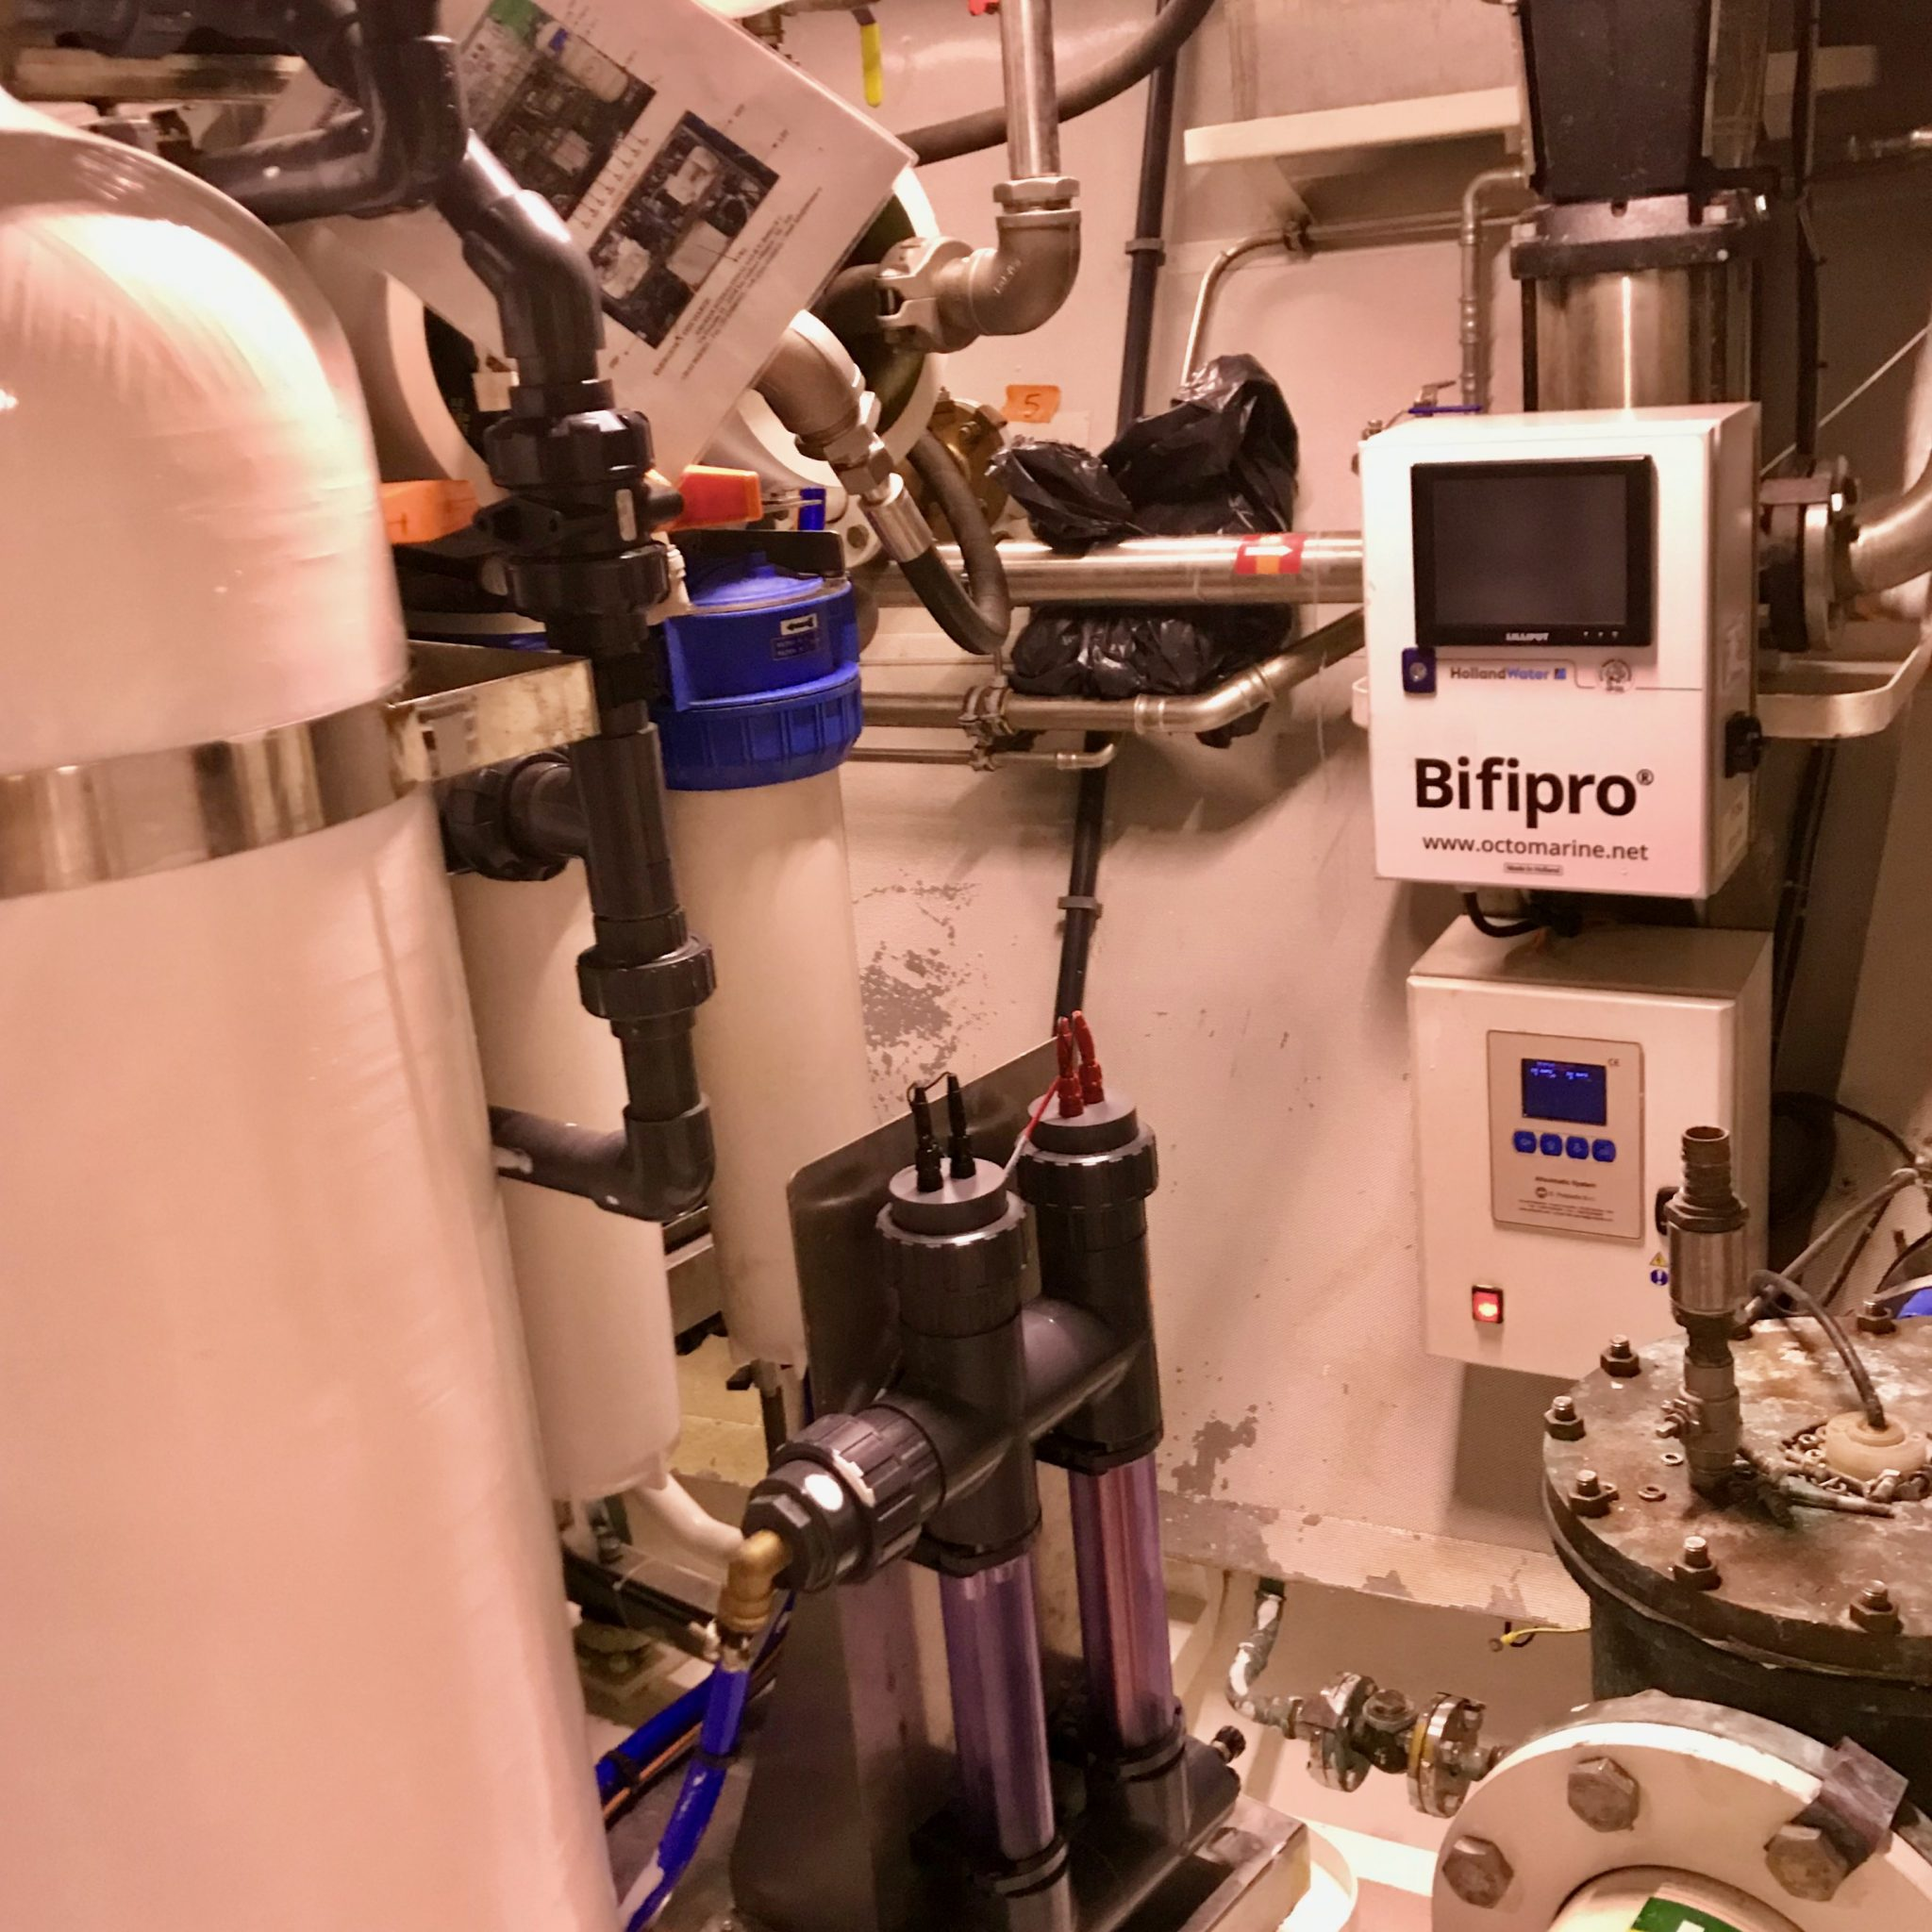 Een ingebouwd Bifipro koper-zilver ionisatiesysteem in een superjacht. Links onder het controlepaneel, rechts naast de witte tank het filtersysteem. (Foto Octo Marine)